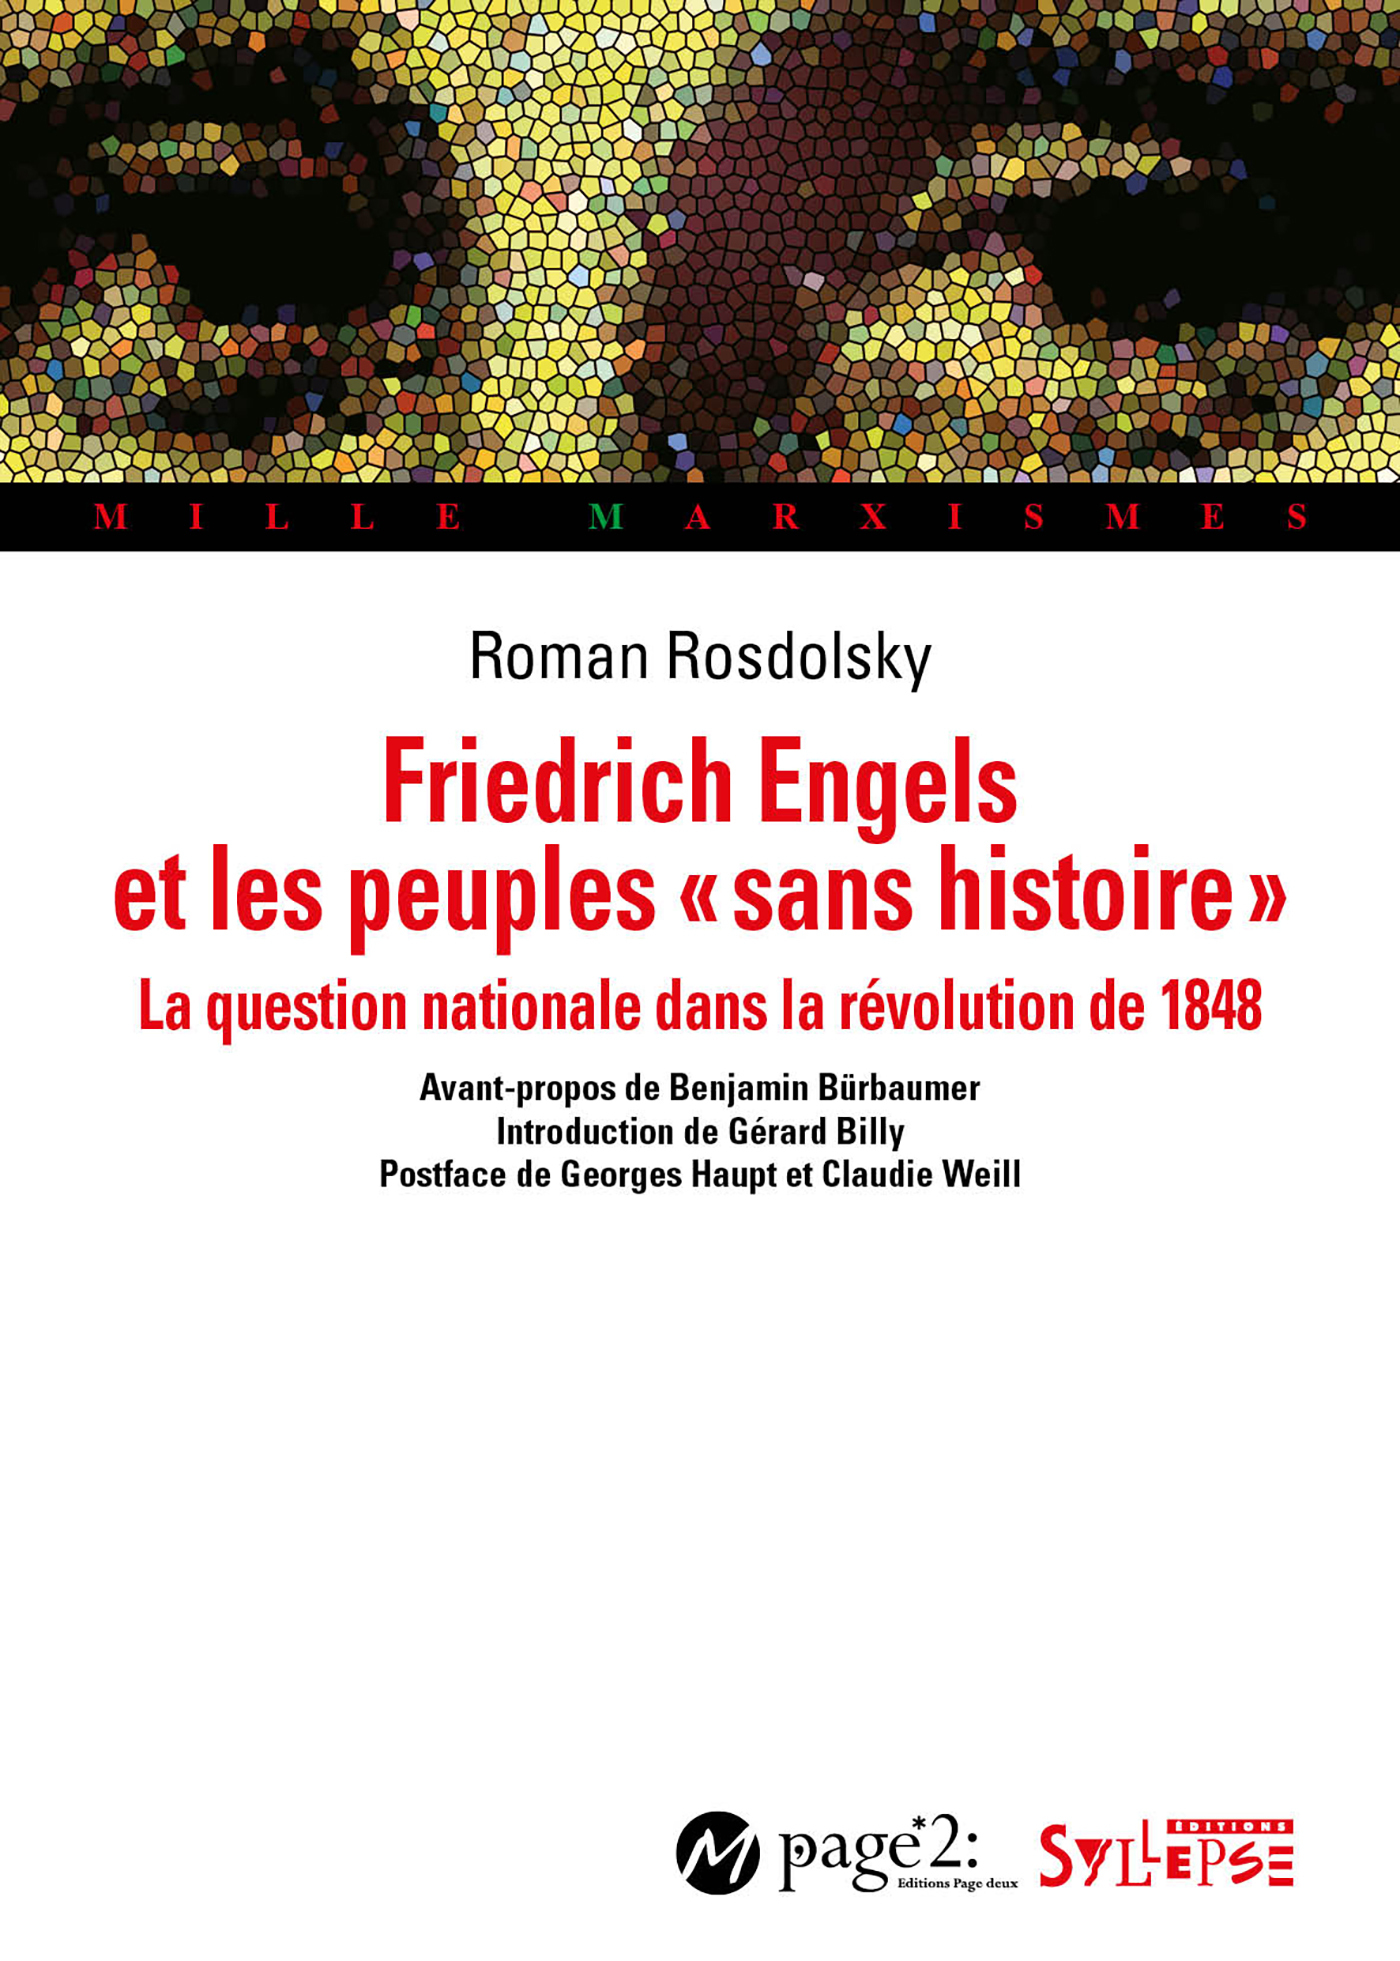 FRIEDRICH ENGELS ET LES PEUPLES  SANS HISTOIRE  - LA QUESTION NATIONALE ET LA REVOLUTION DE 1848